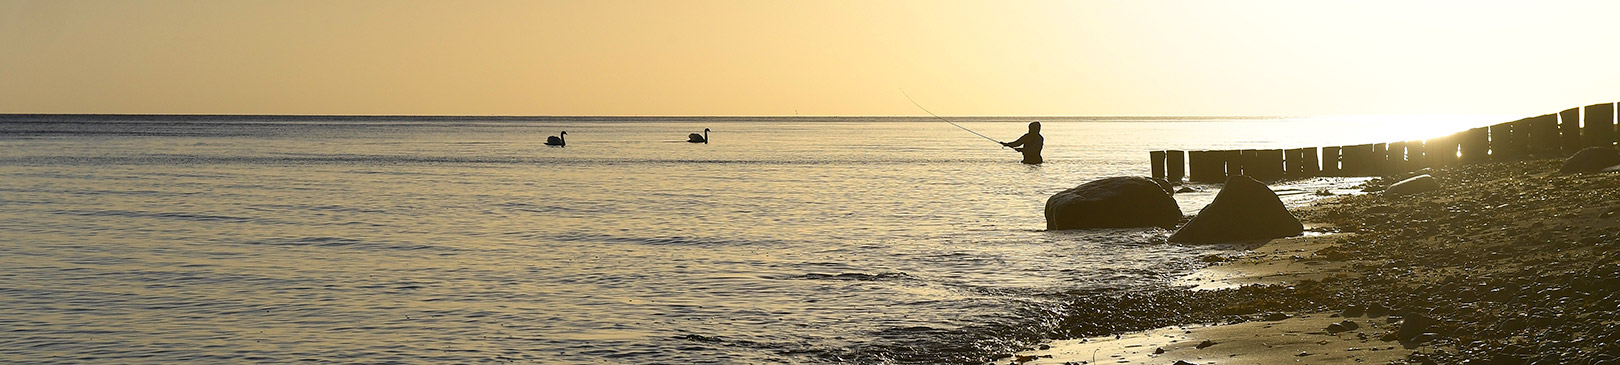 Gorm Andersen på kysten ved Stevns